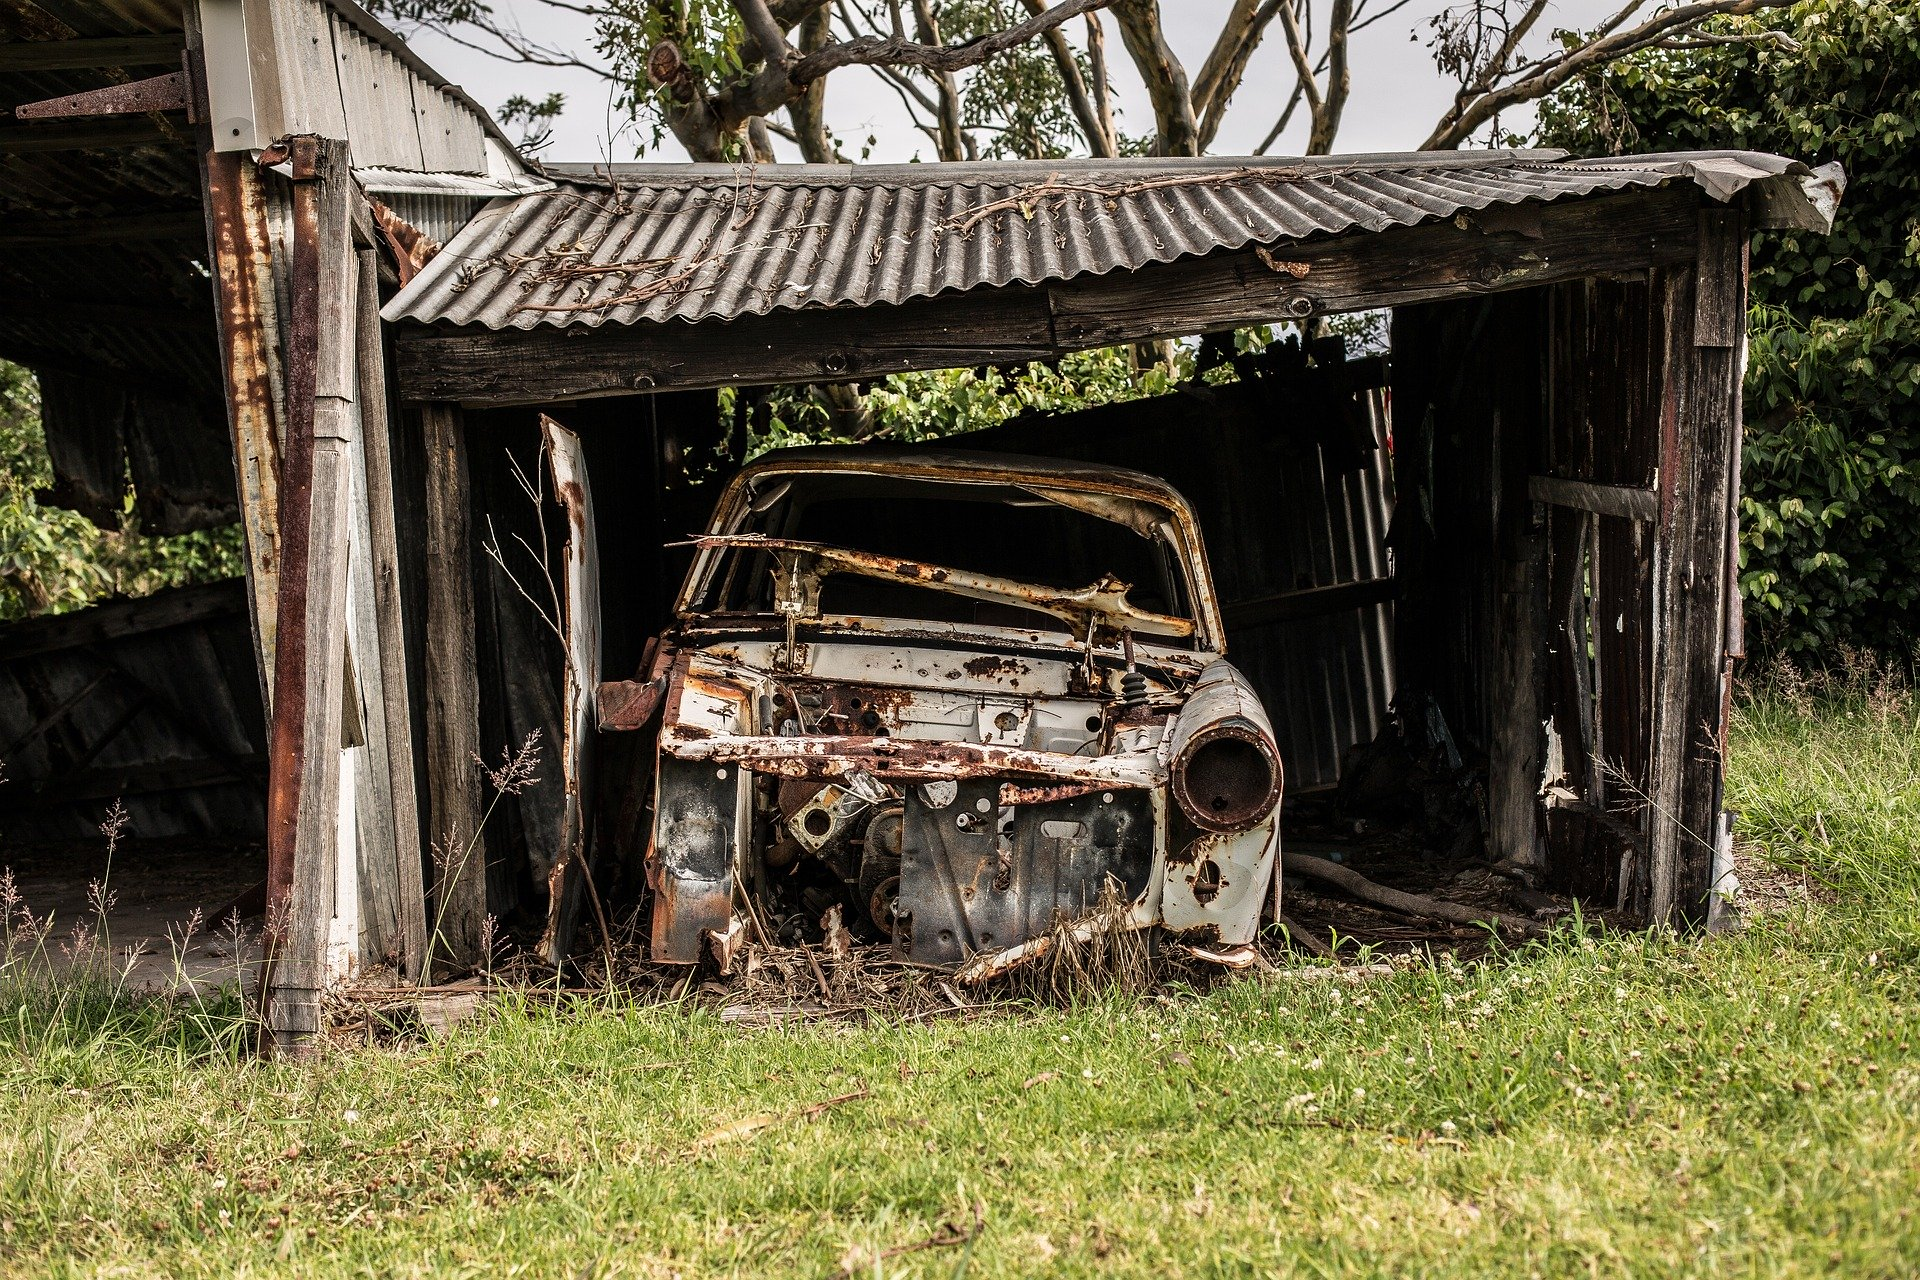 В Твери снесут незаконно установленные гаражи и заборы - новости Афанасий